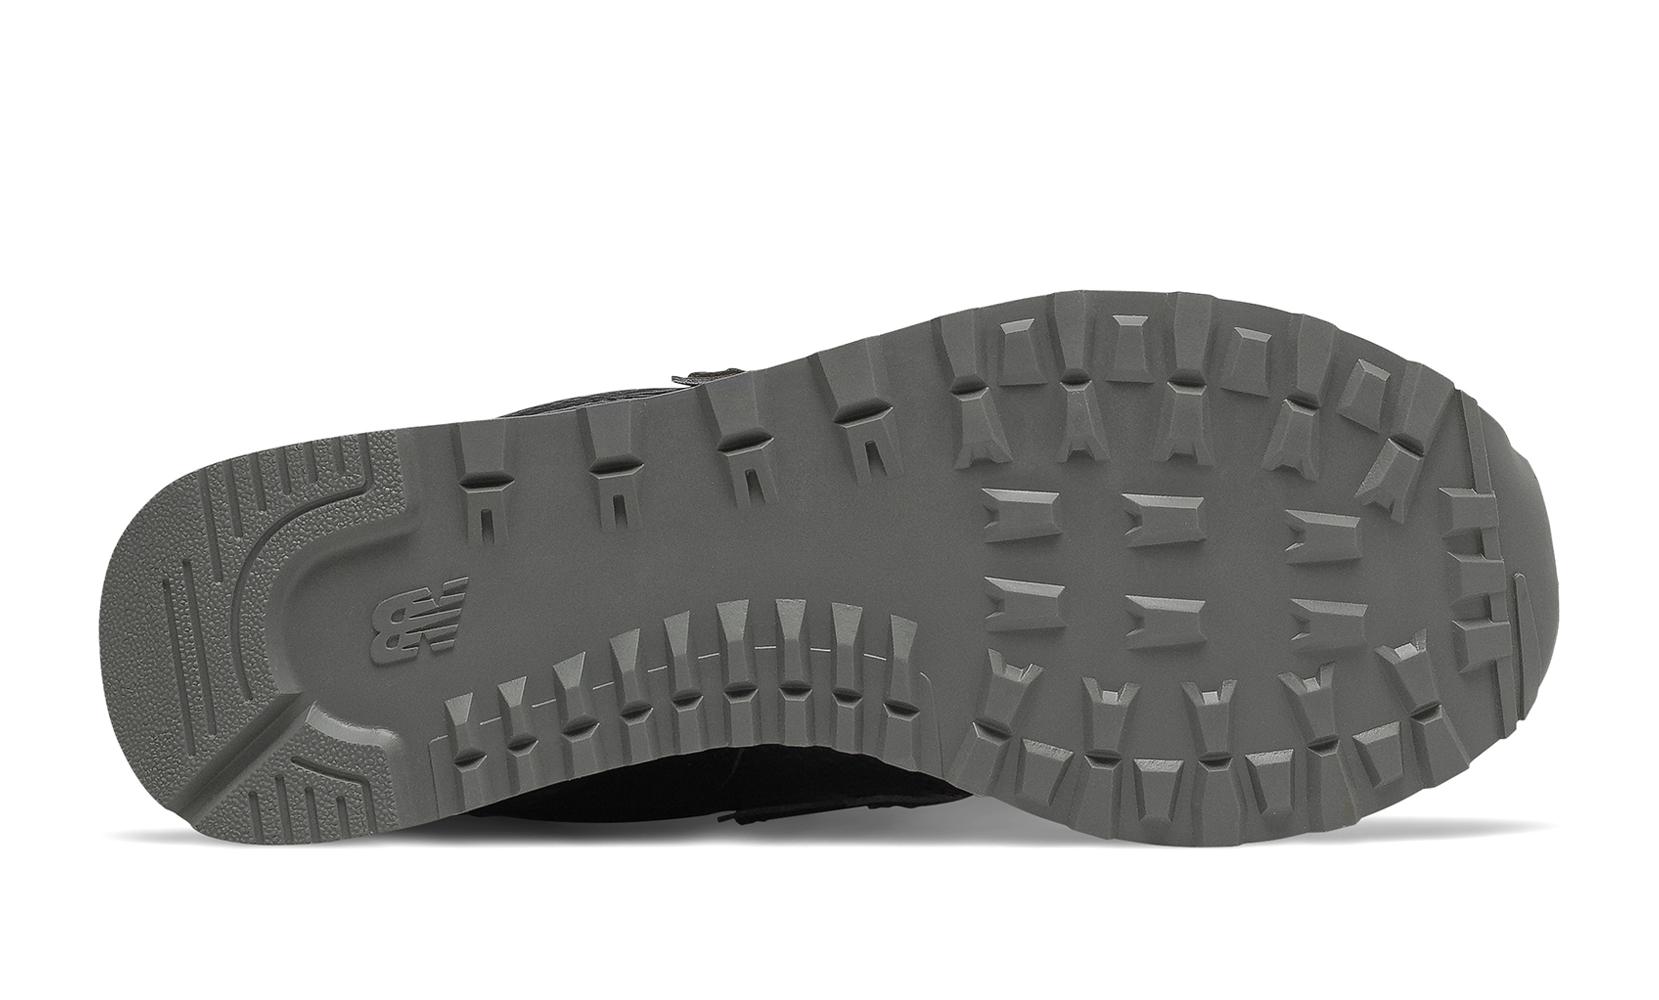 Жіноче взуття повсякденне New Balance 574 WL574RMR | New Balance